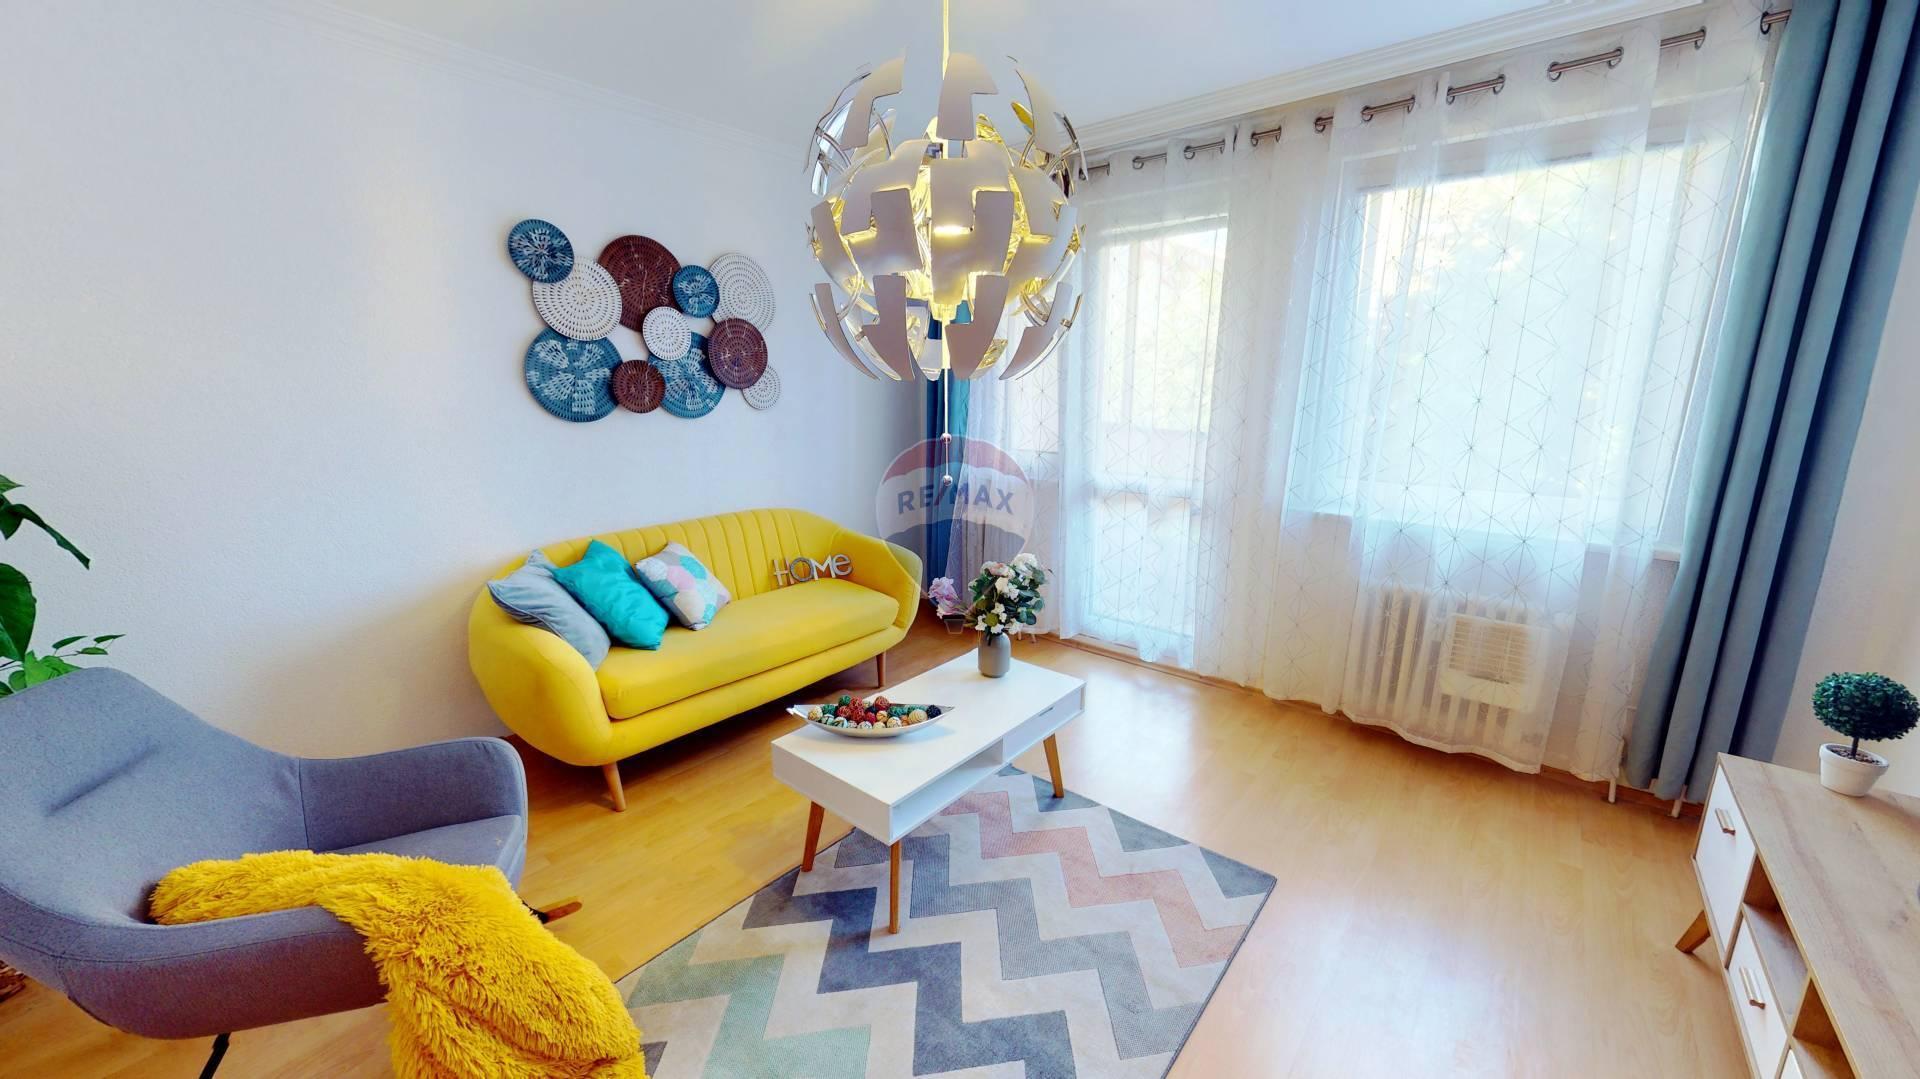 Predaj bytu (4 izbový) 88 m2, Bratislava - Devínska Nová Ves -